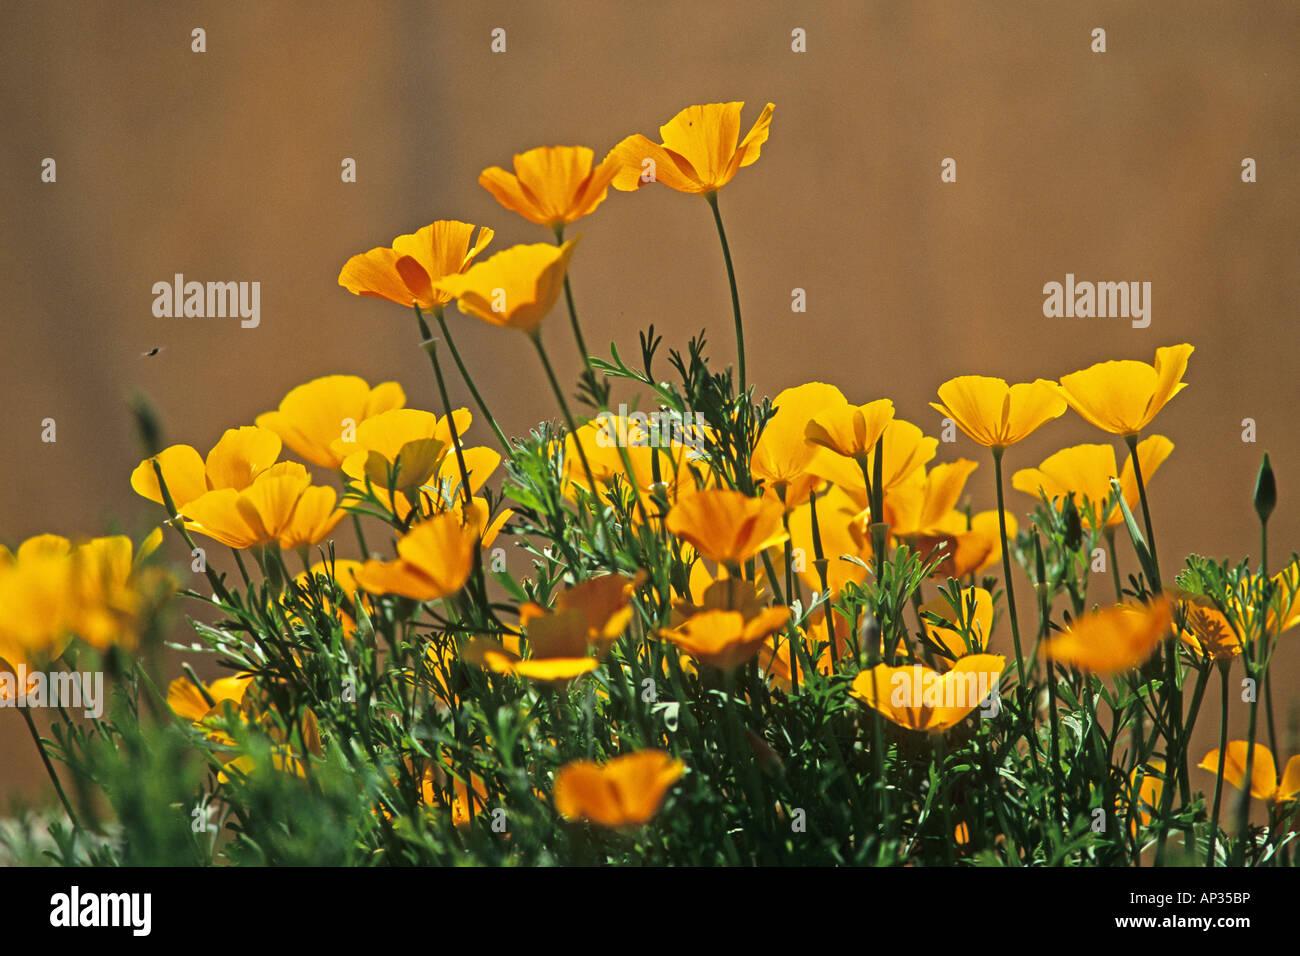 California poppy california state flower stock photo 15659865 alamy california poppy california state flower mightylinksfo